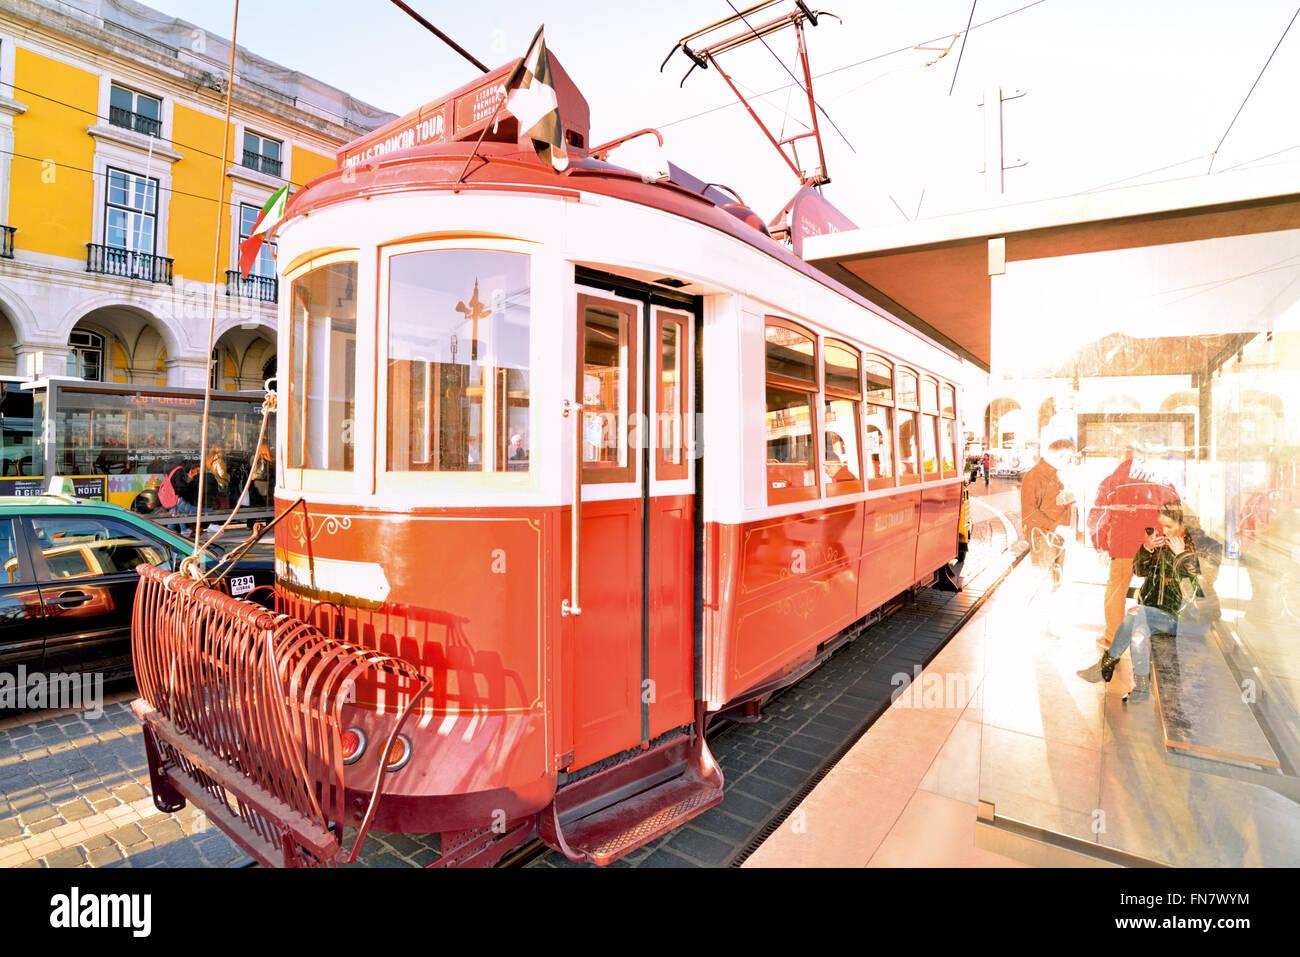 Portugal, Lisbonne: l'arrêt de tramway rouge historique à Praca do Comercio Photo Stock